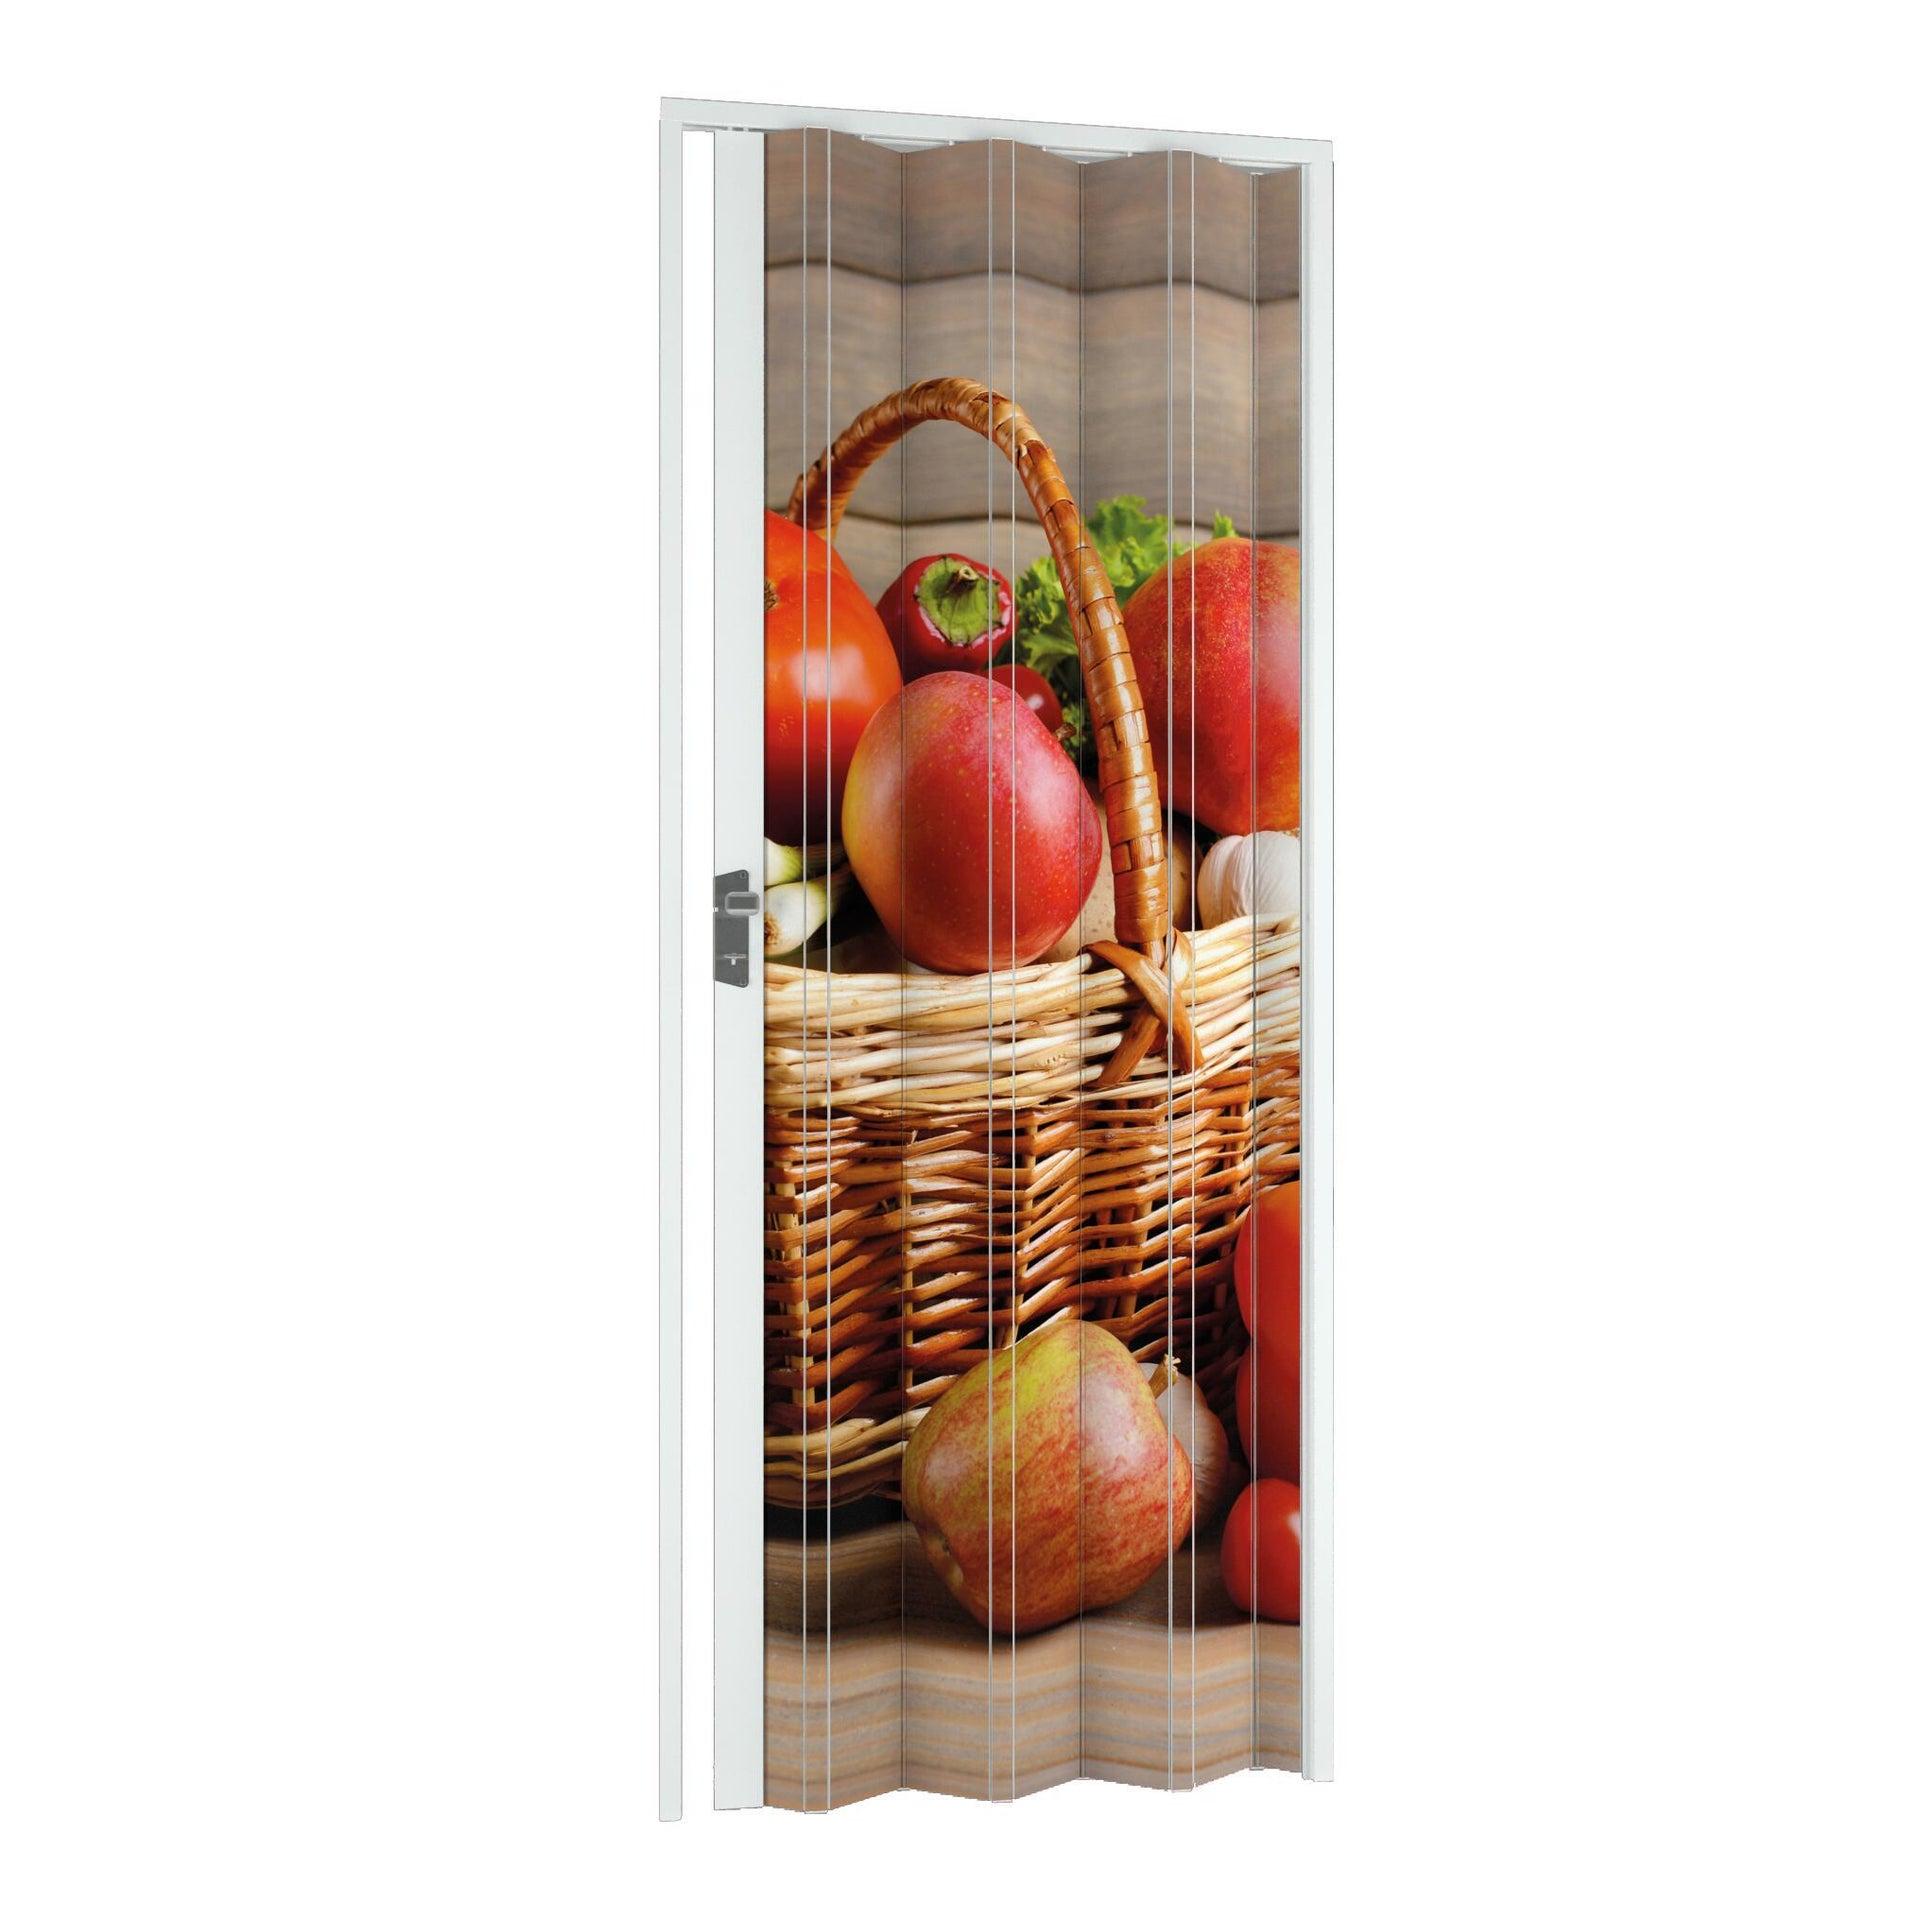 Porta a soffietto Fruit in pvc multicolore L 115 x H 214 cm